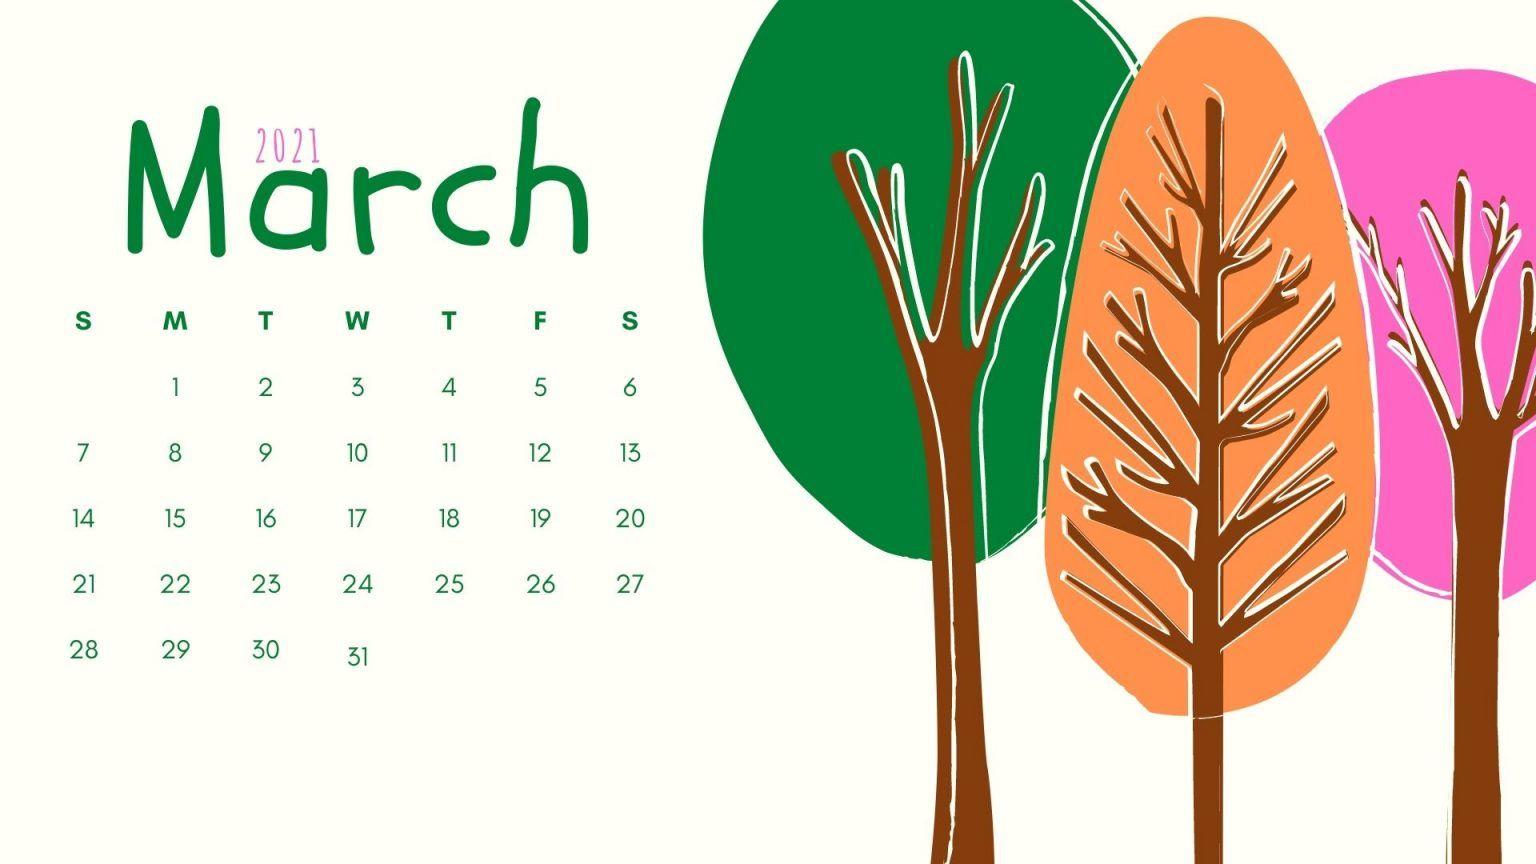 March 2021 Calendar Wallpaper For Desktop